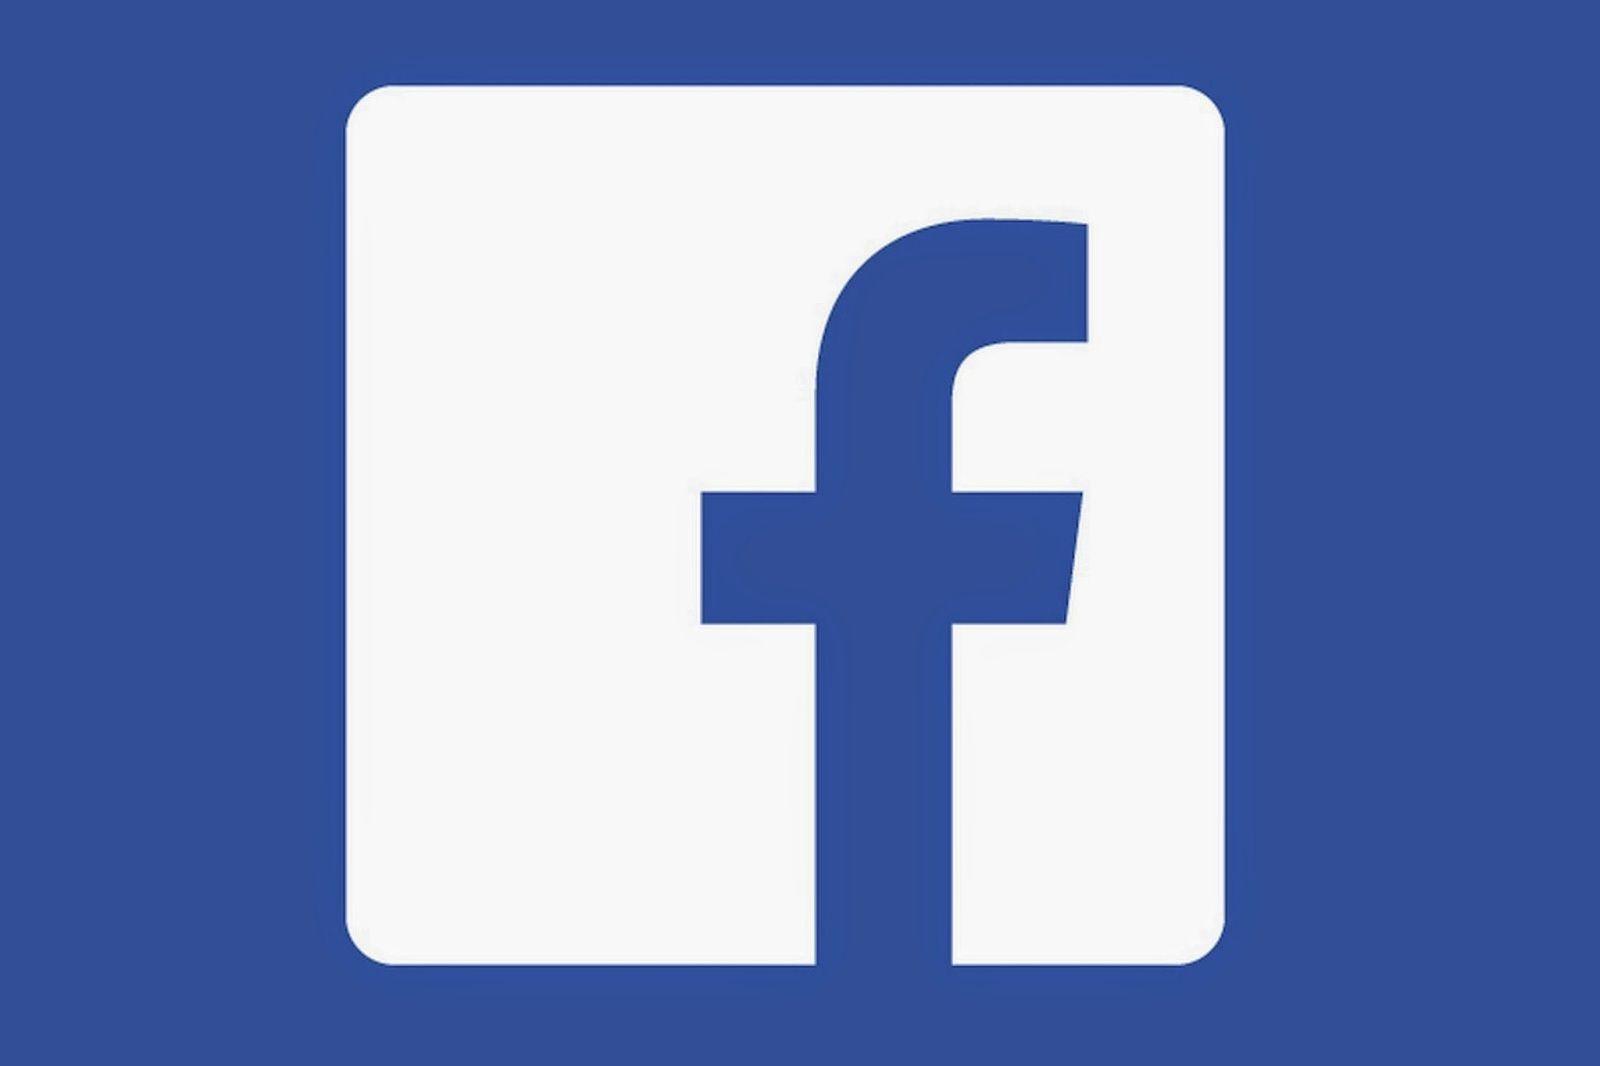 facebook vector logo hd.